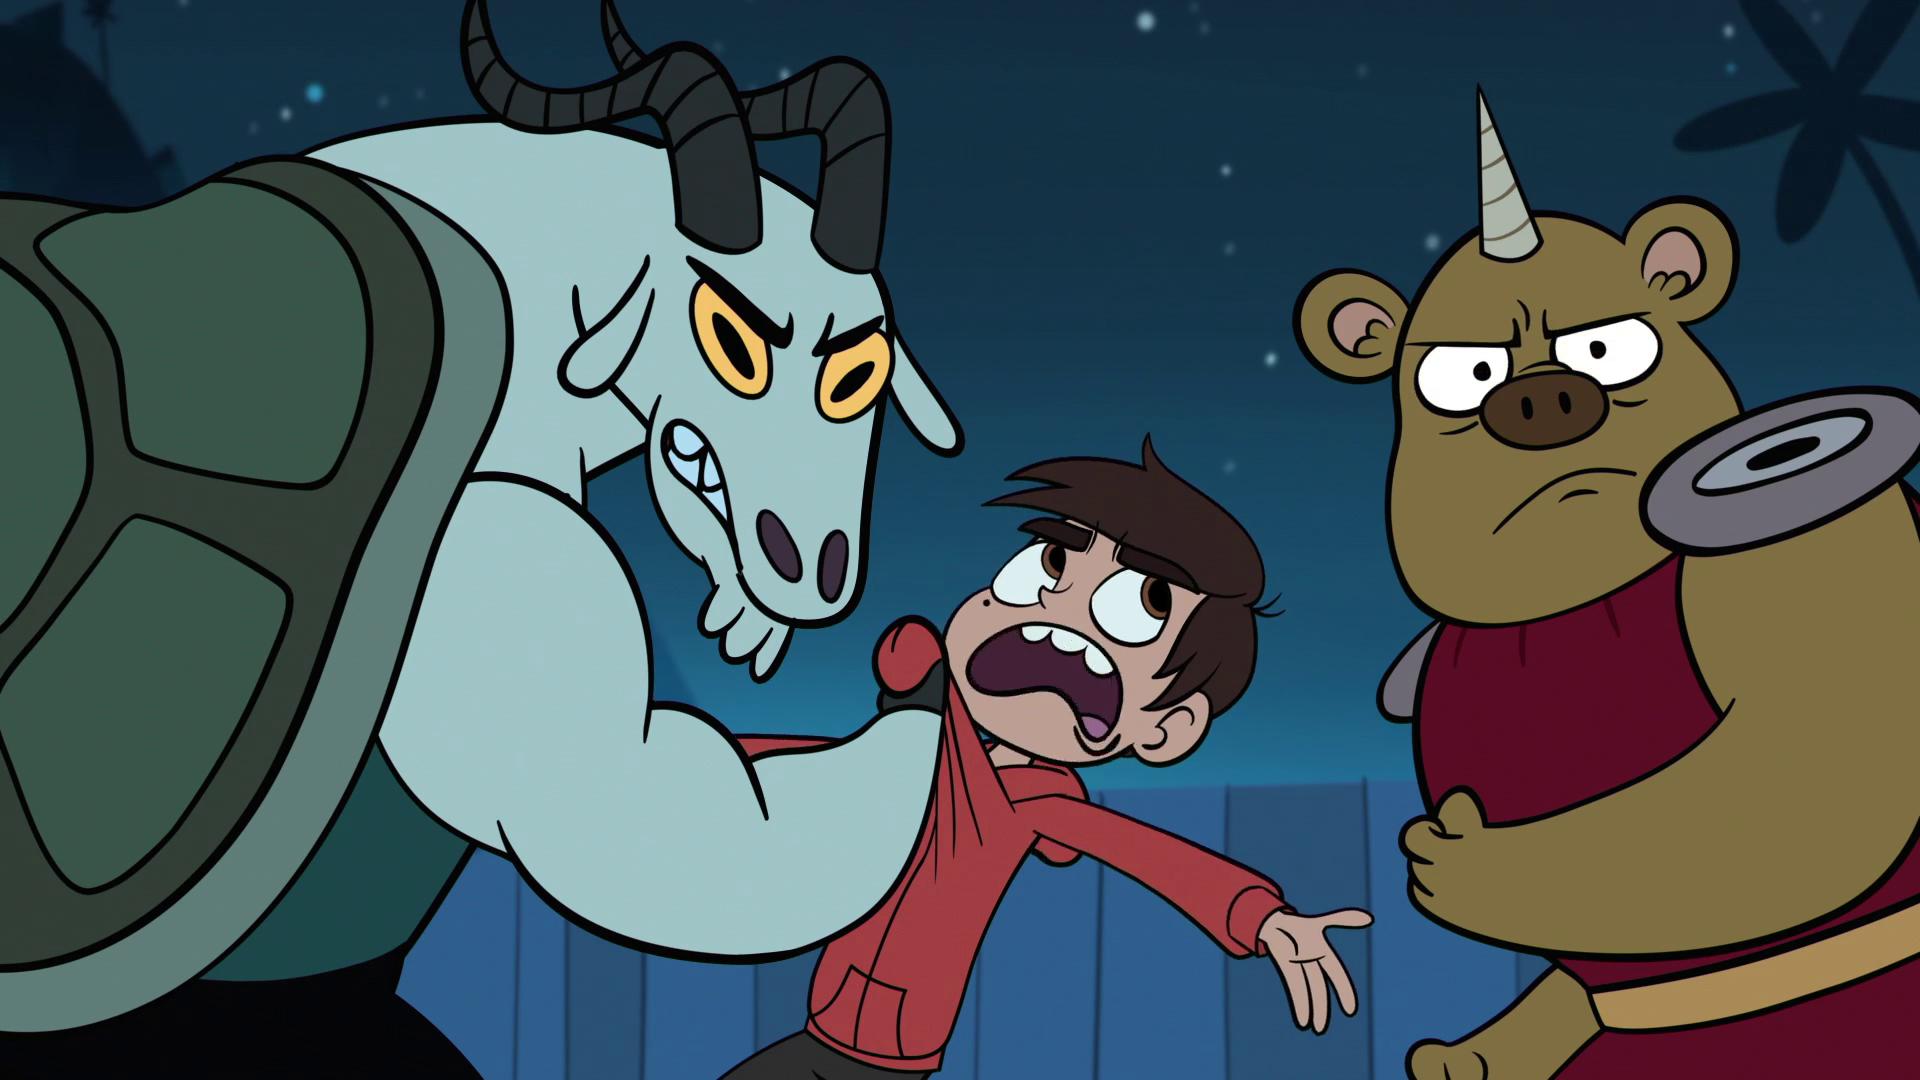 Goat monster